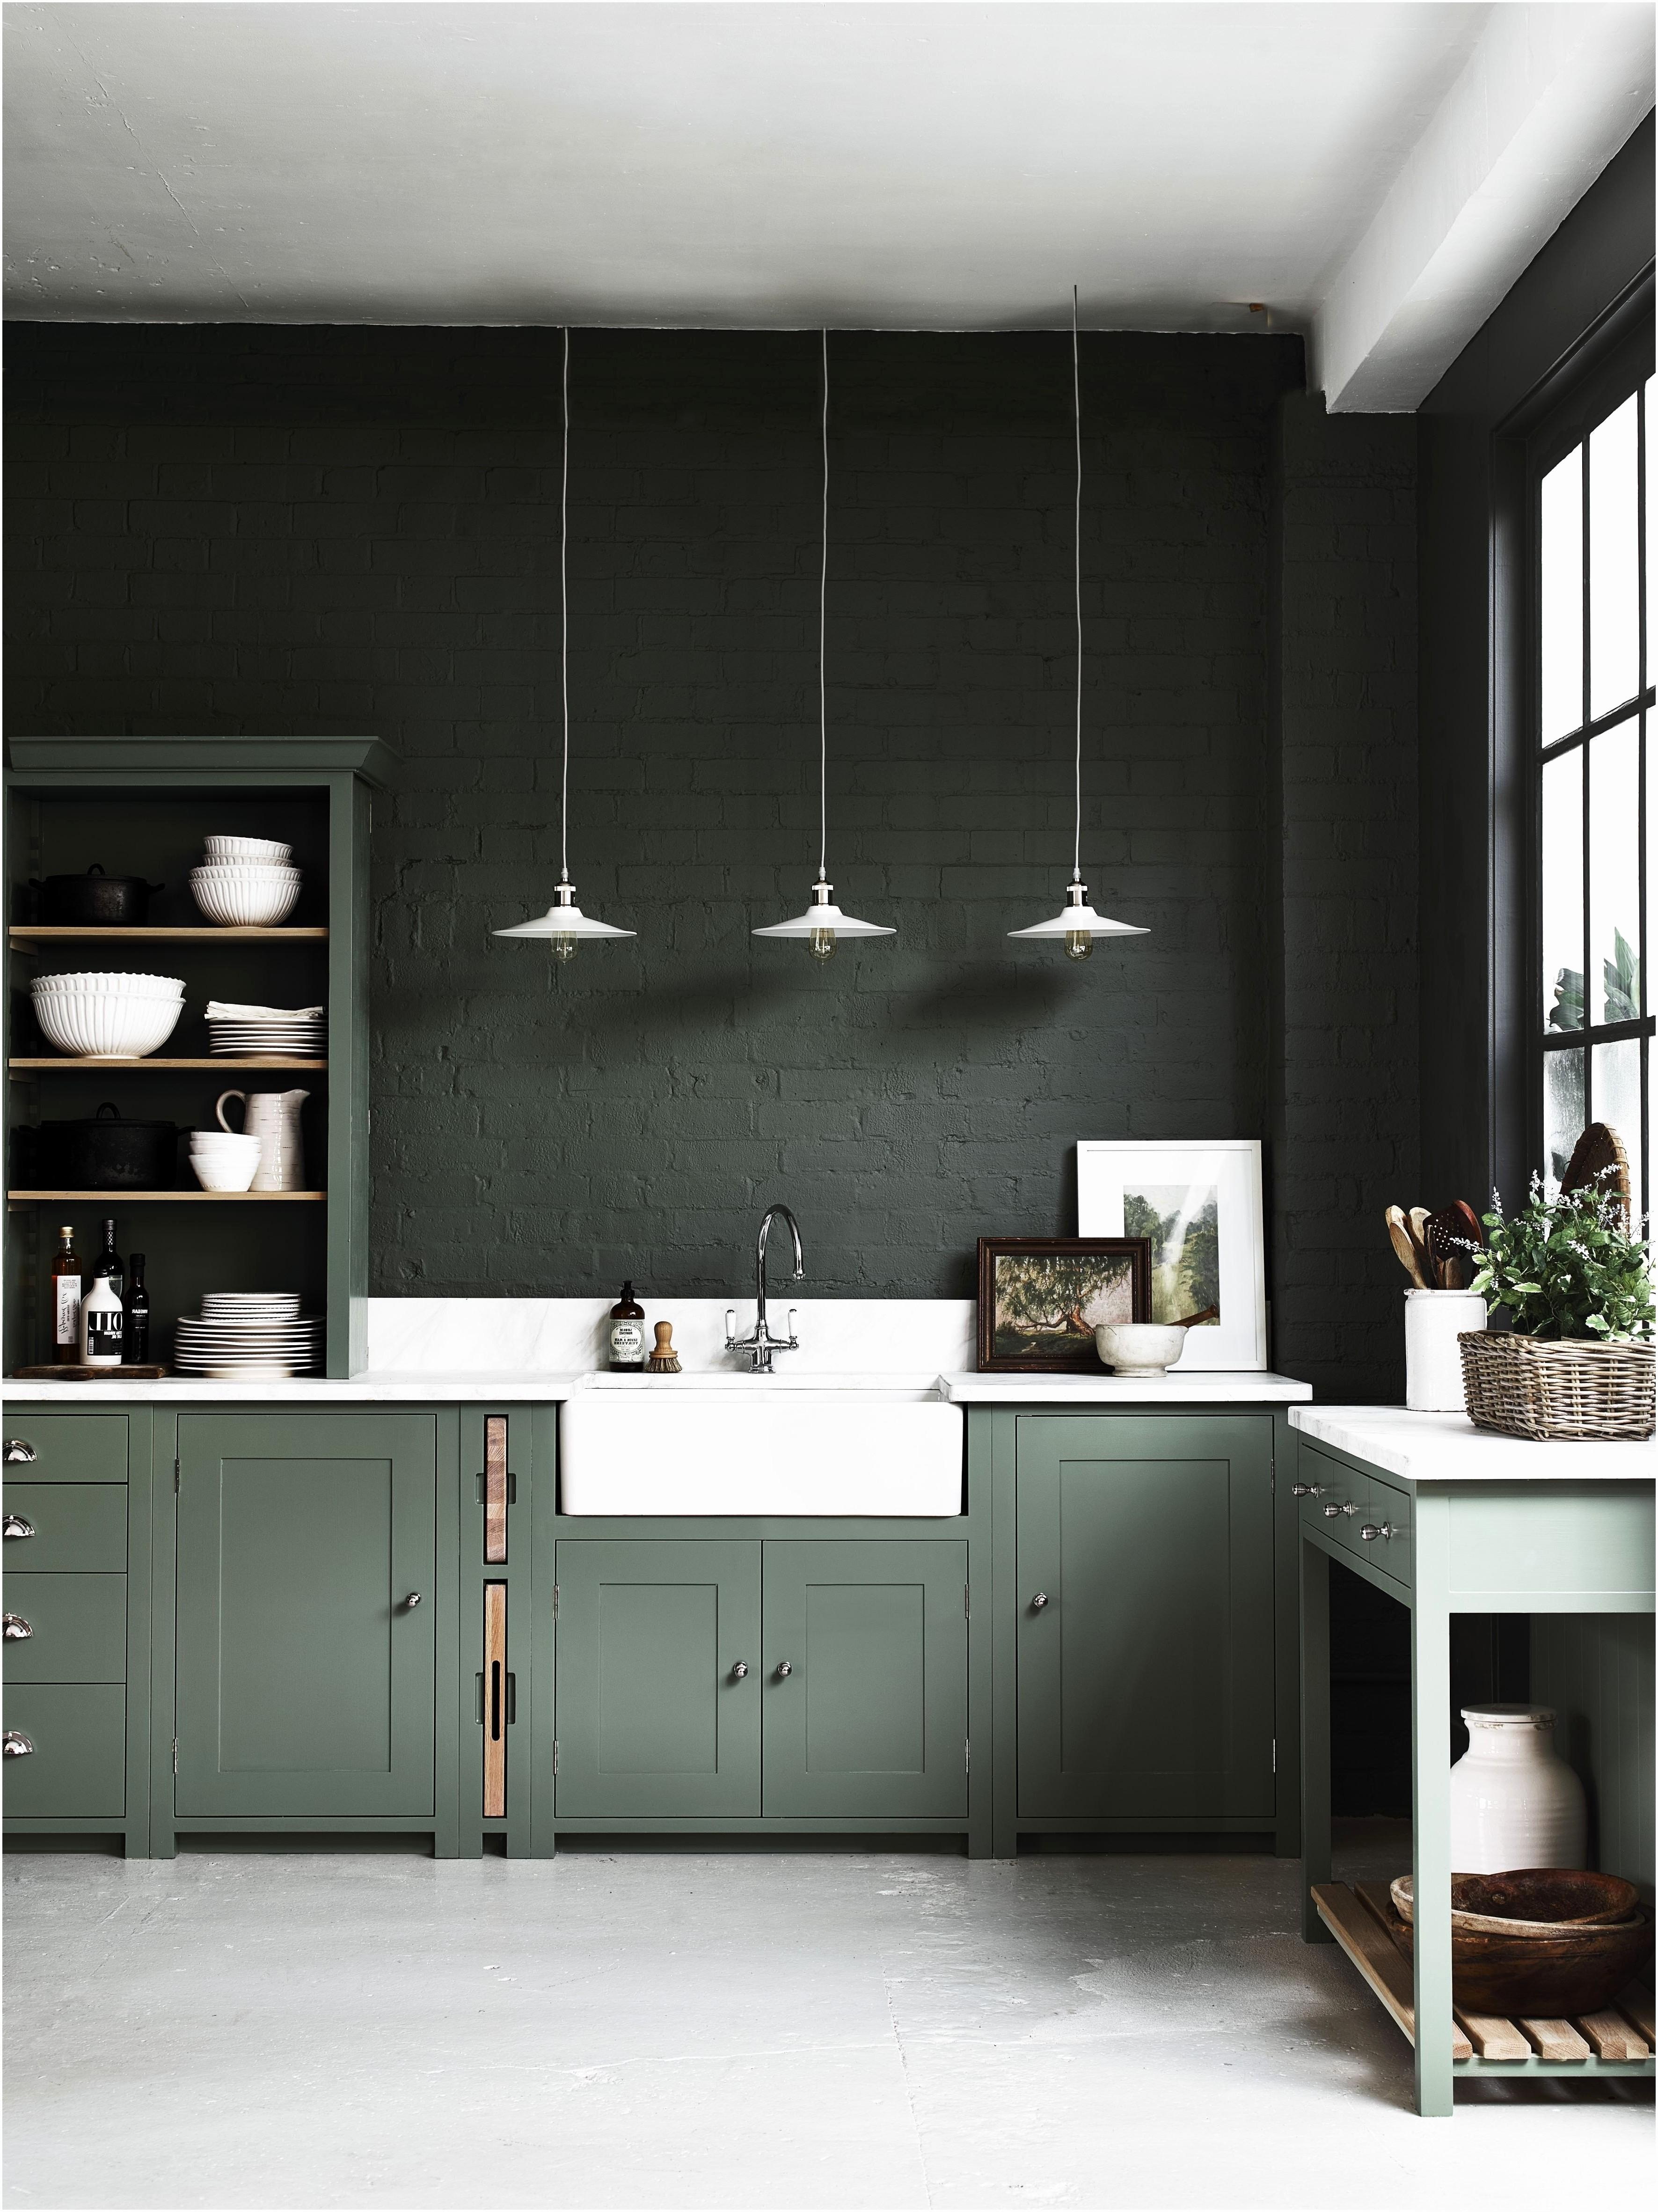 Cuisine Ikea Devis Frais Images Porte Meuble Cuisine Ikea Joli Meubles De Cuisine Meuble Cuisine